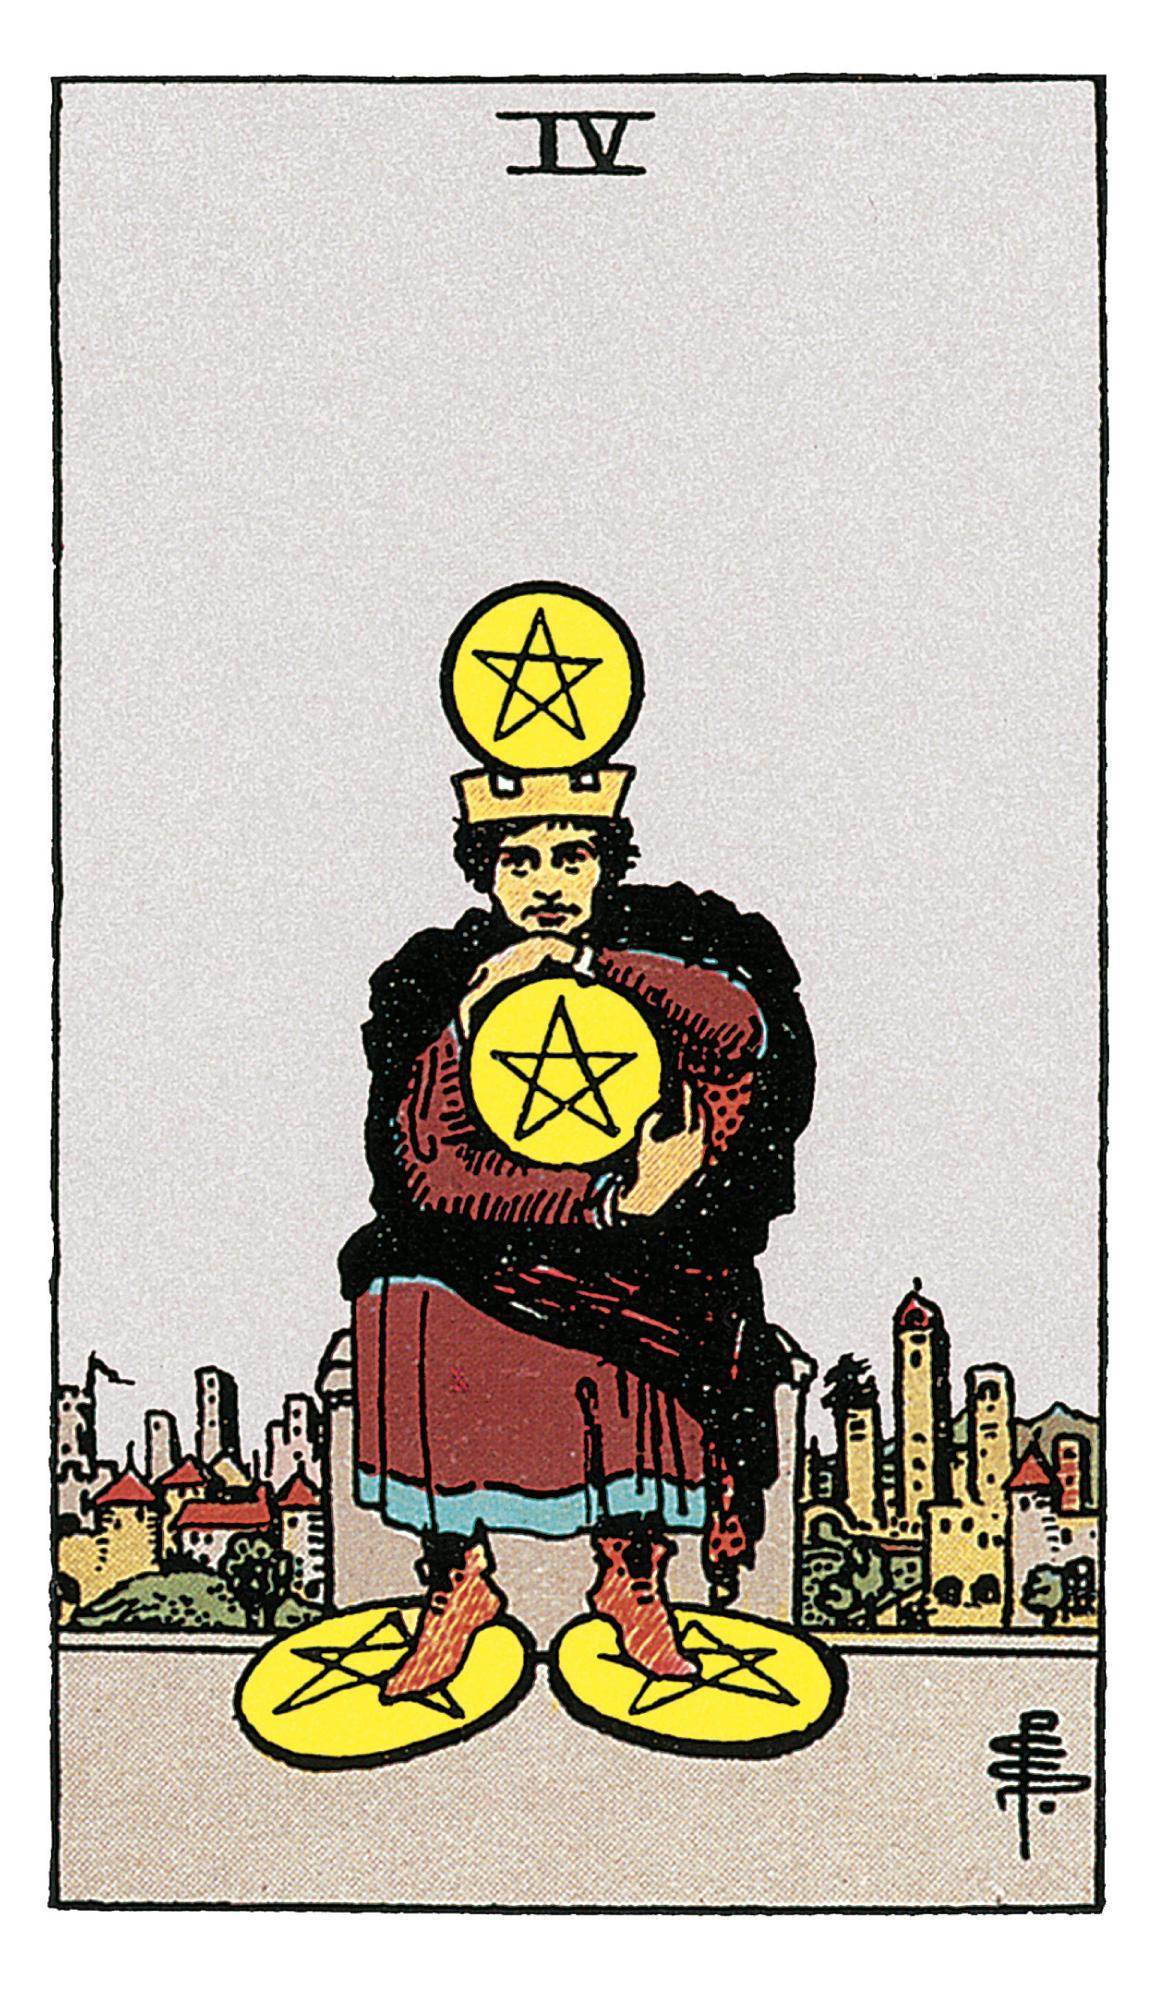 Der Tod Deine Tarotkarte Brigittede